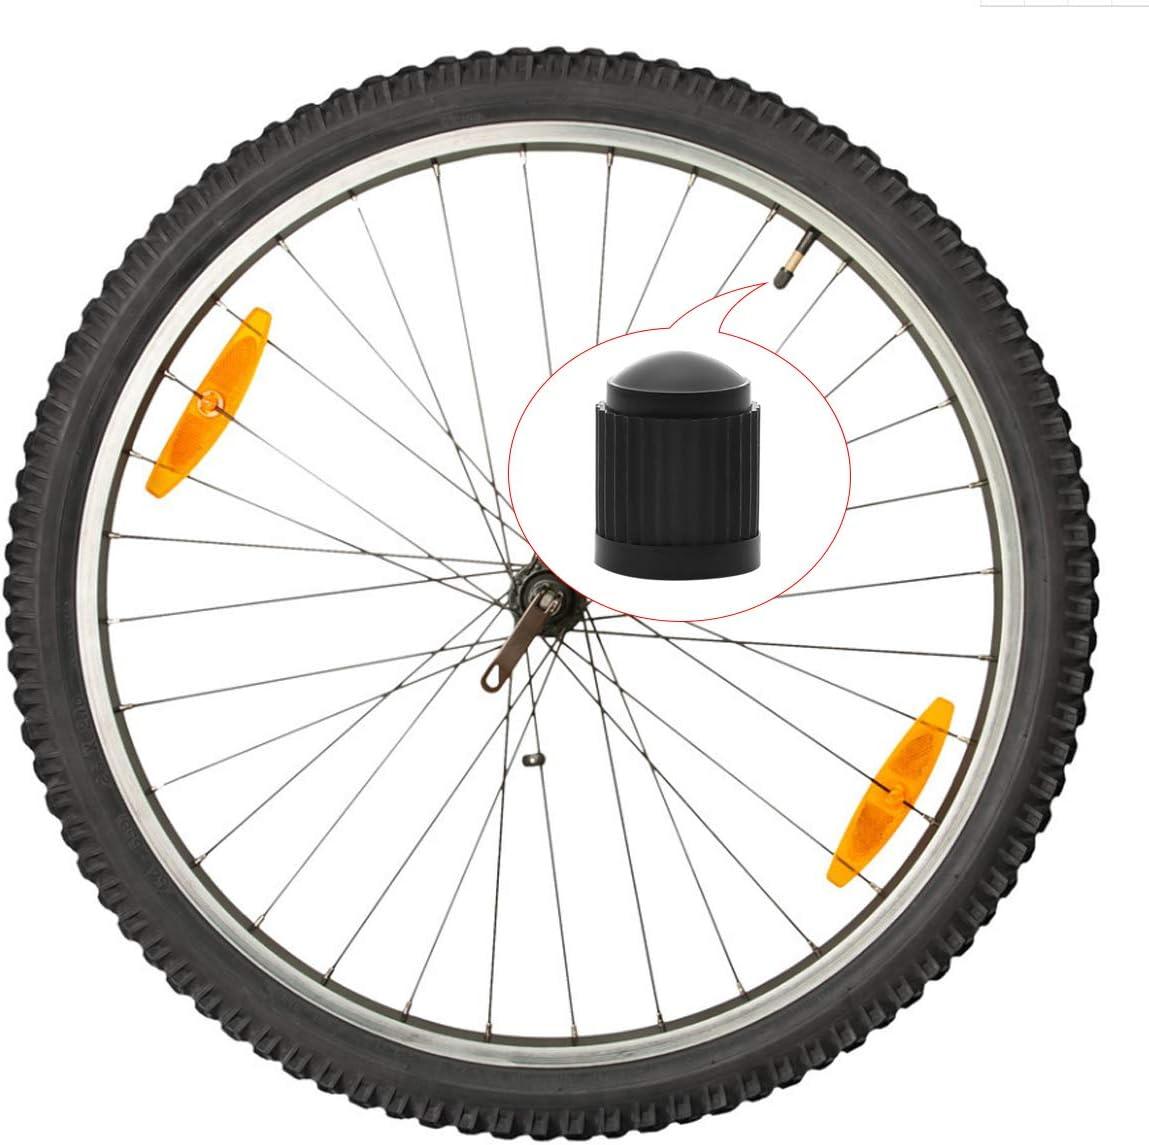 Kunststoff Auto Reifen Vorbau Staub Abdeckungen mit Dichtring f/ür SUV Natuce 8 St/ück Reifen Ventilkappen LKW Fahrrad Motorrad Schwarz